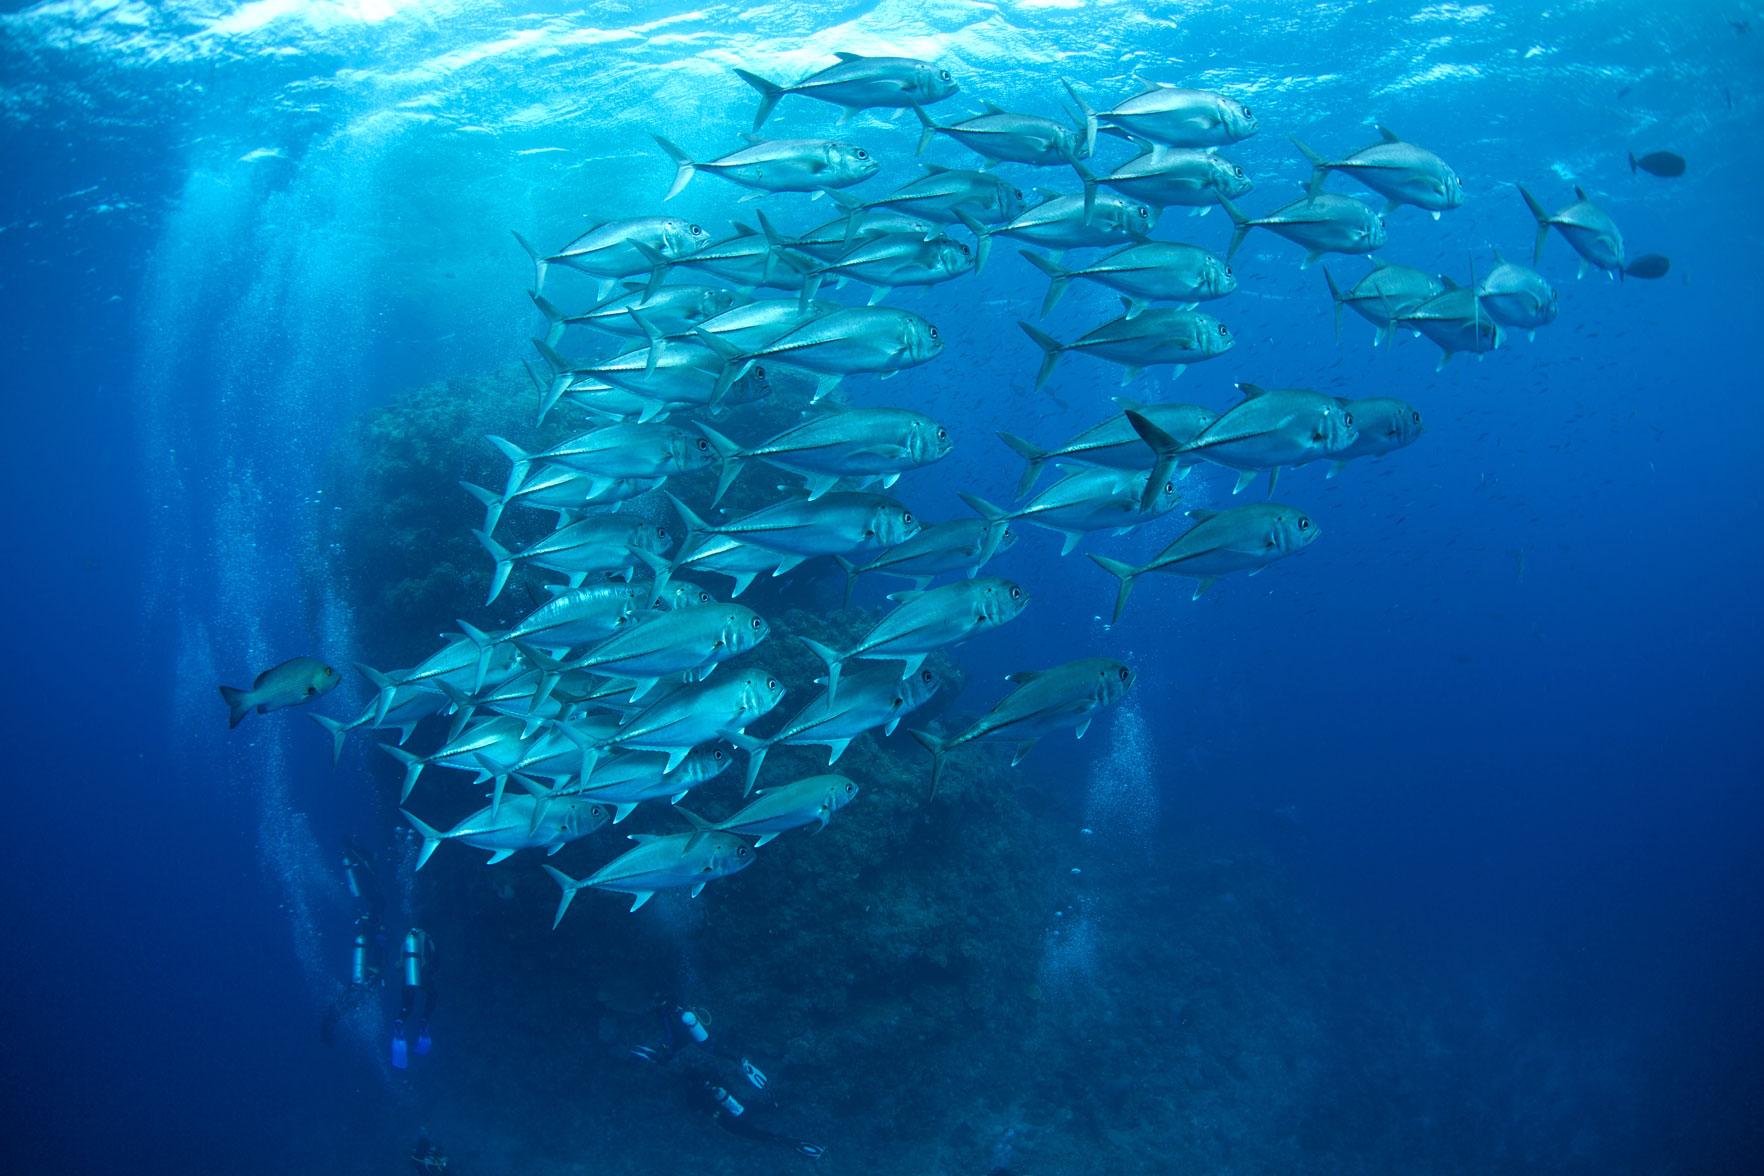 AUS_Great-Barrier-Reef-UW-©15-Thomas-Baechtold-0749.jpg